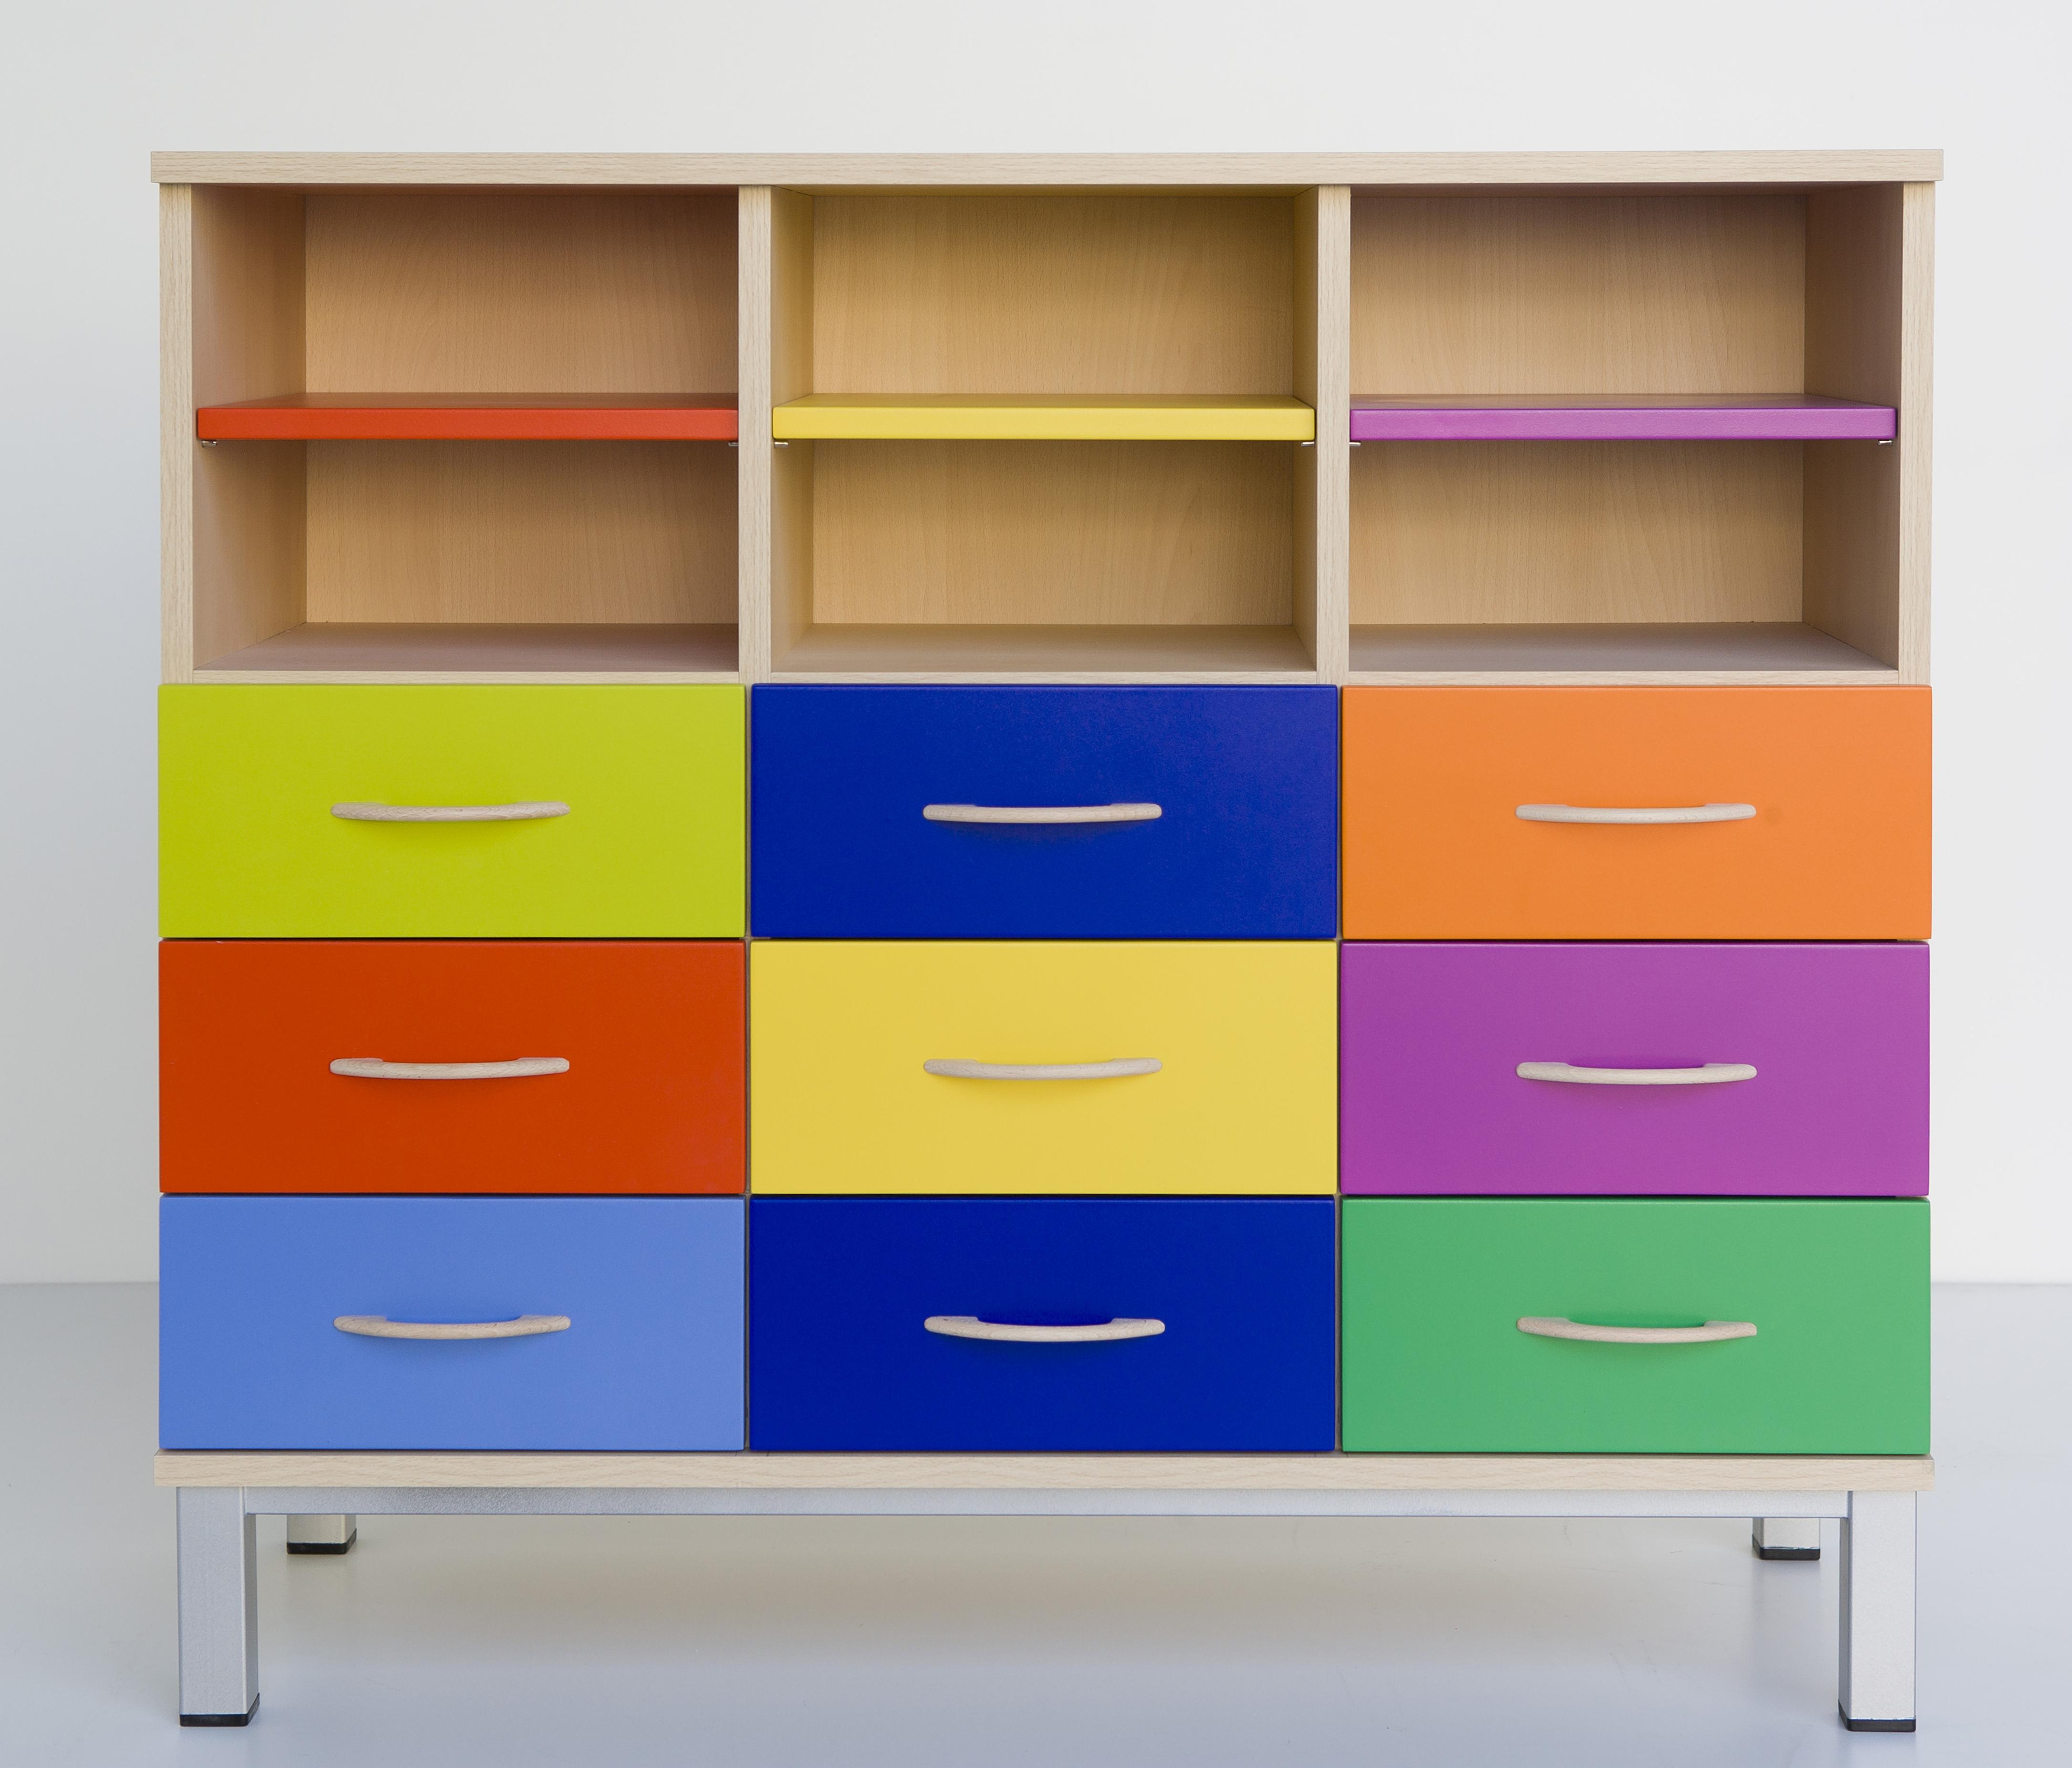 Mobiliario Escolar Infantil E6d5 Equipamientos Guidet FÃ Brica Mobiliario Escolar Noticias Y